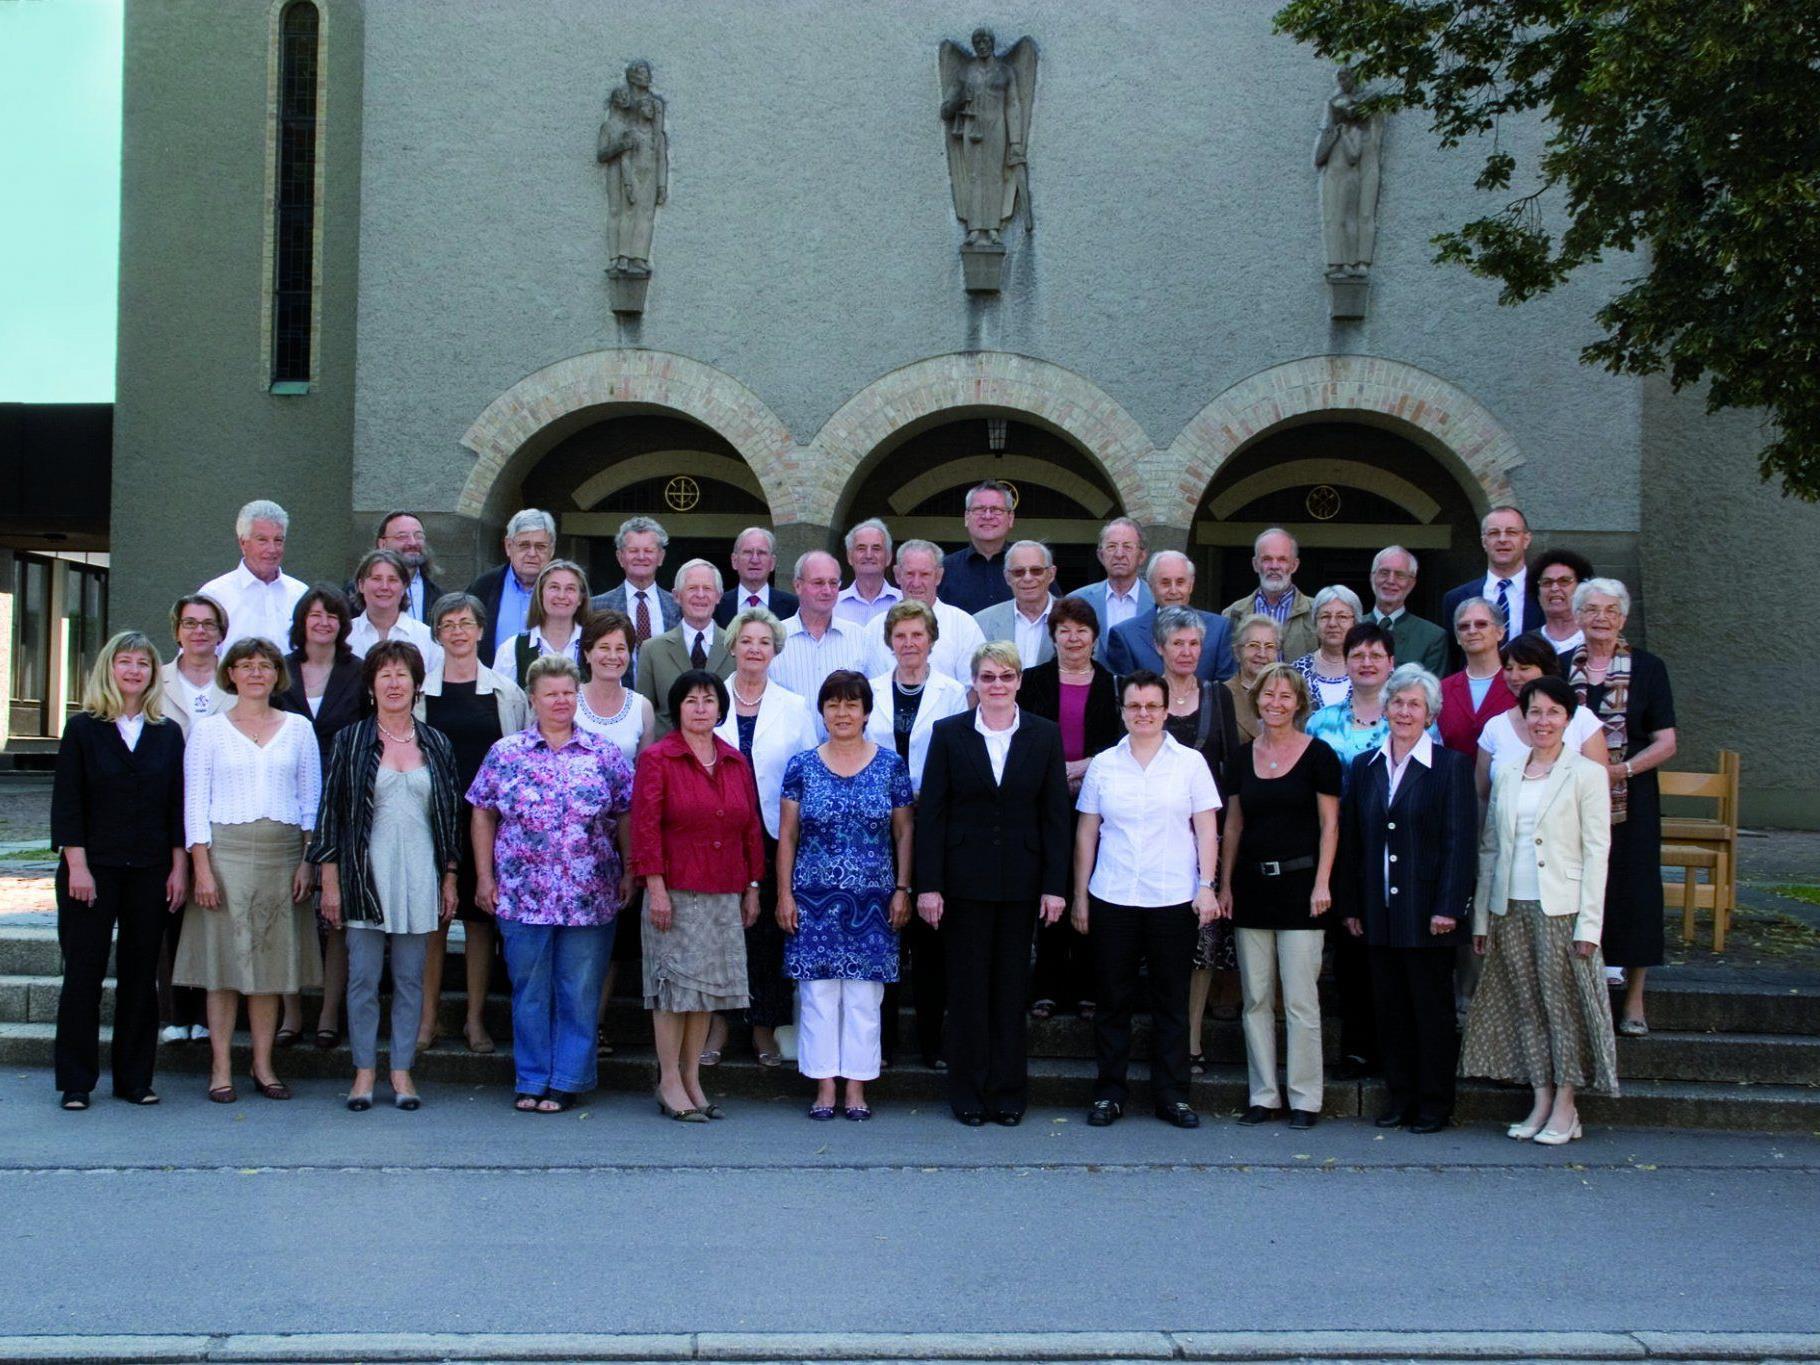 Der Kirchenchor Rheindorf ist bestens gerüstet für das große 75-jährige Jubiläum.